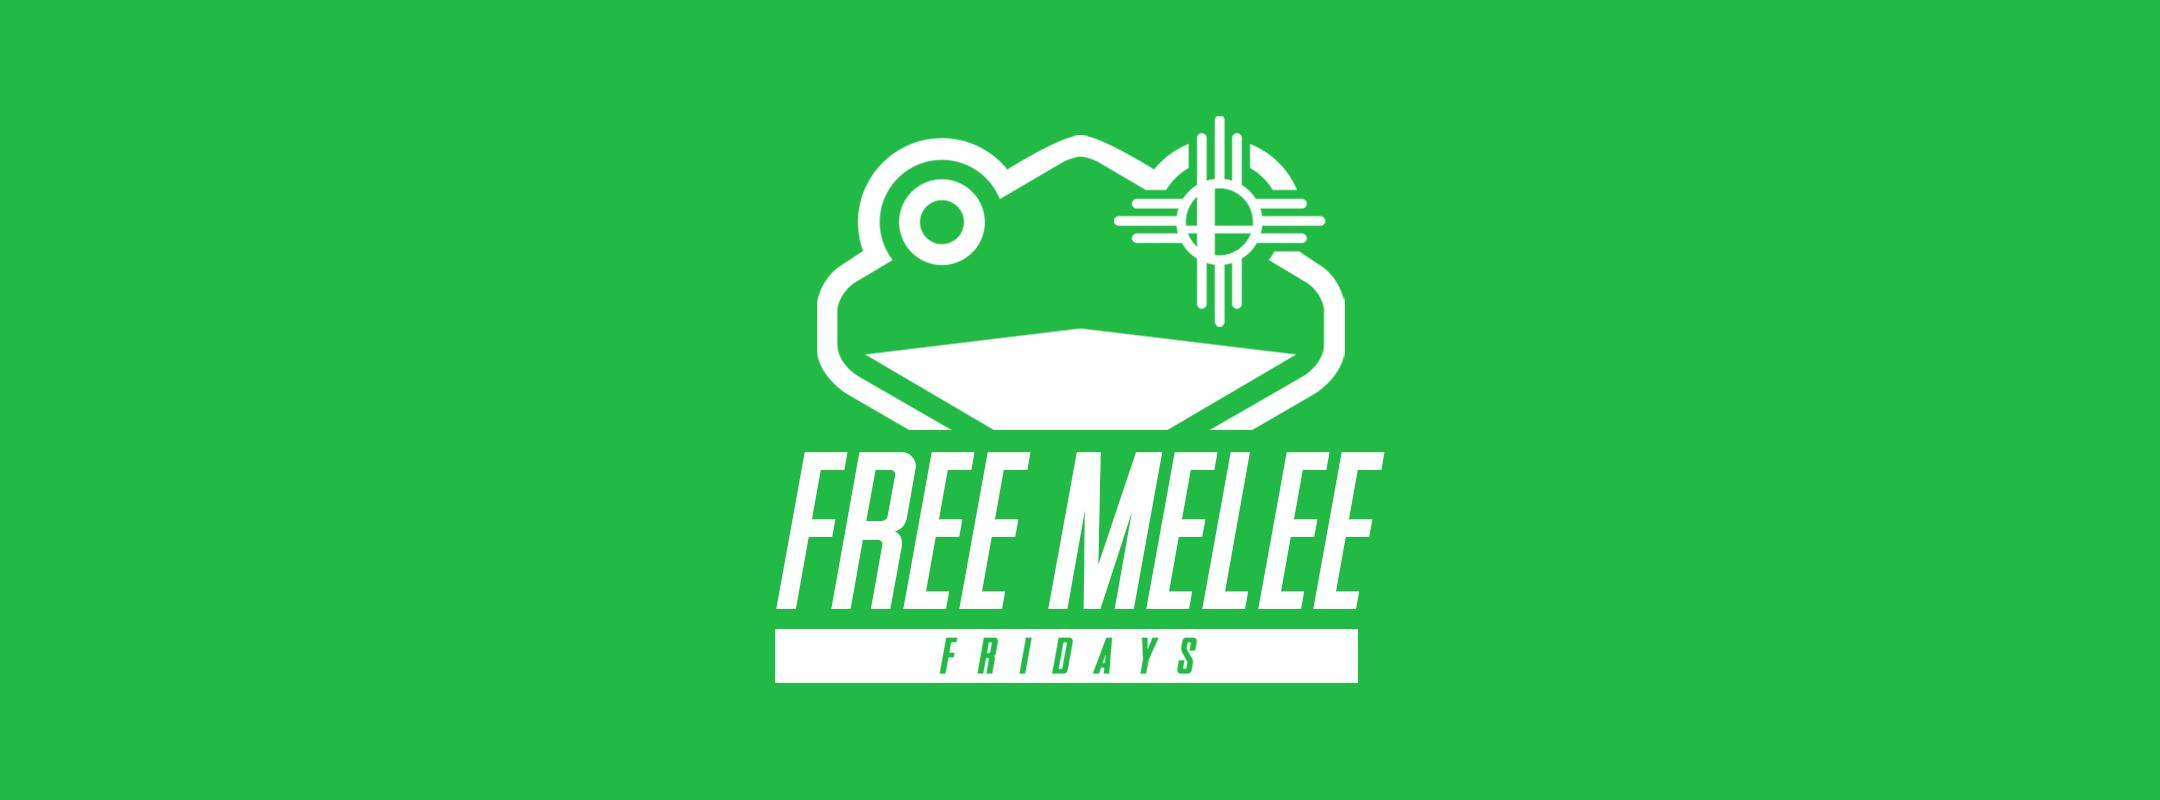 Freemelee Frid Details Smash ladder/ dolphin melee netplay setup tutorial guide (windows). freemelee frid details